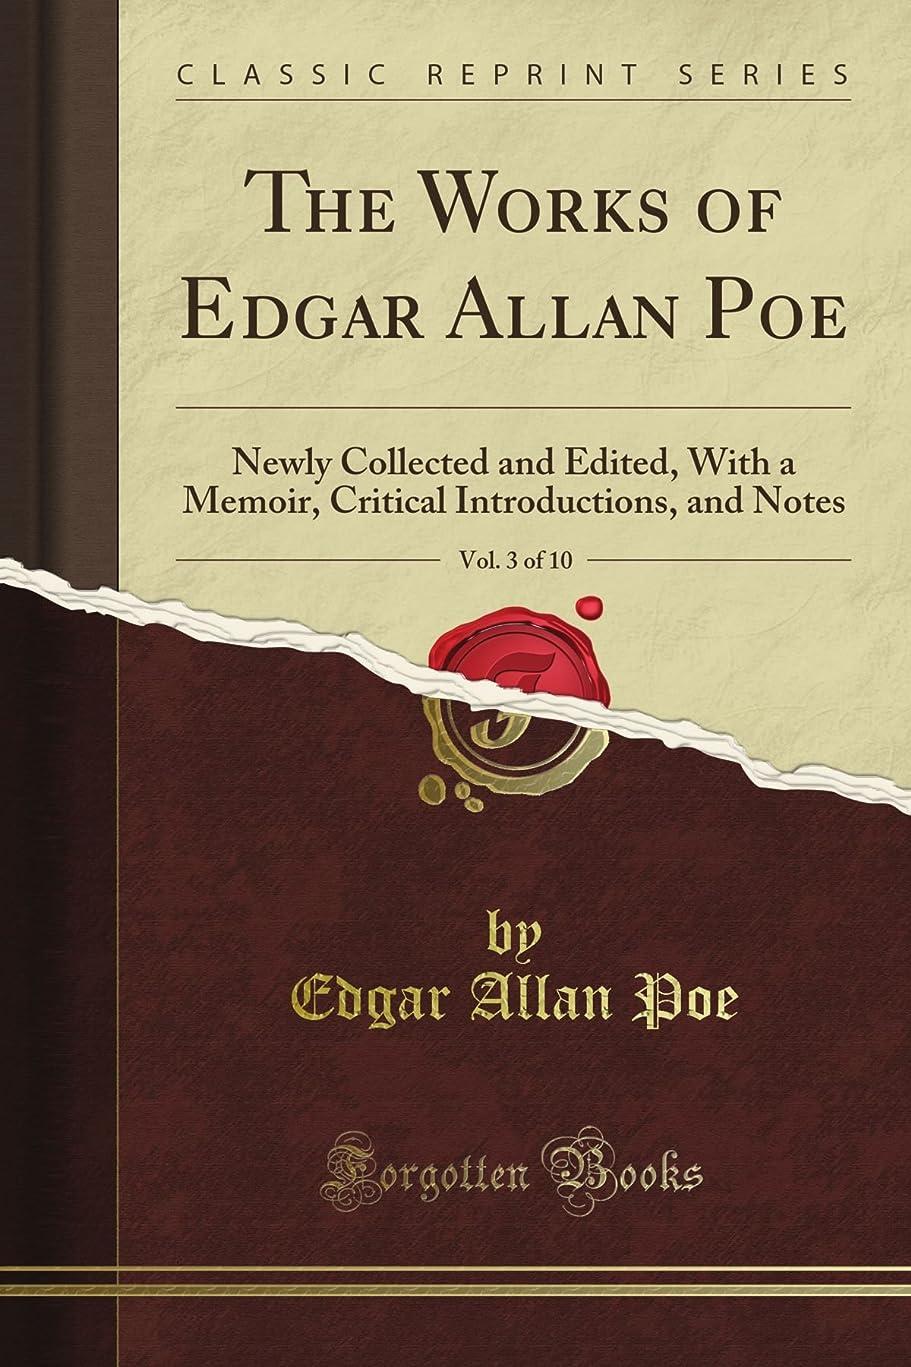 学校修正本当のことを言うとThe Works of Edgar Allan Poe: Newly Collected and Edited, With a Memoir, Critical Introductions, and Notes, Vol. 3 of 10 (Classic Reprint)